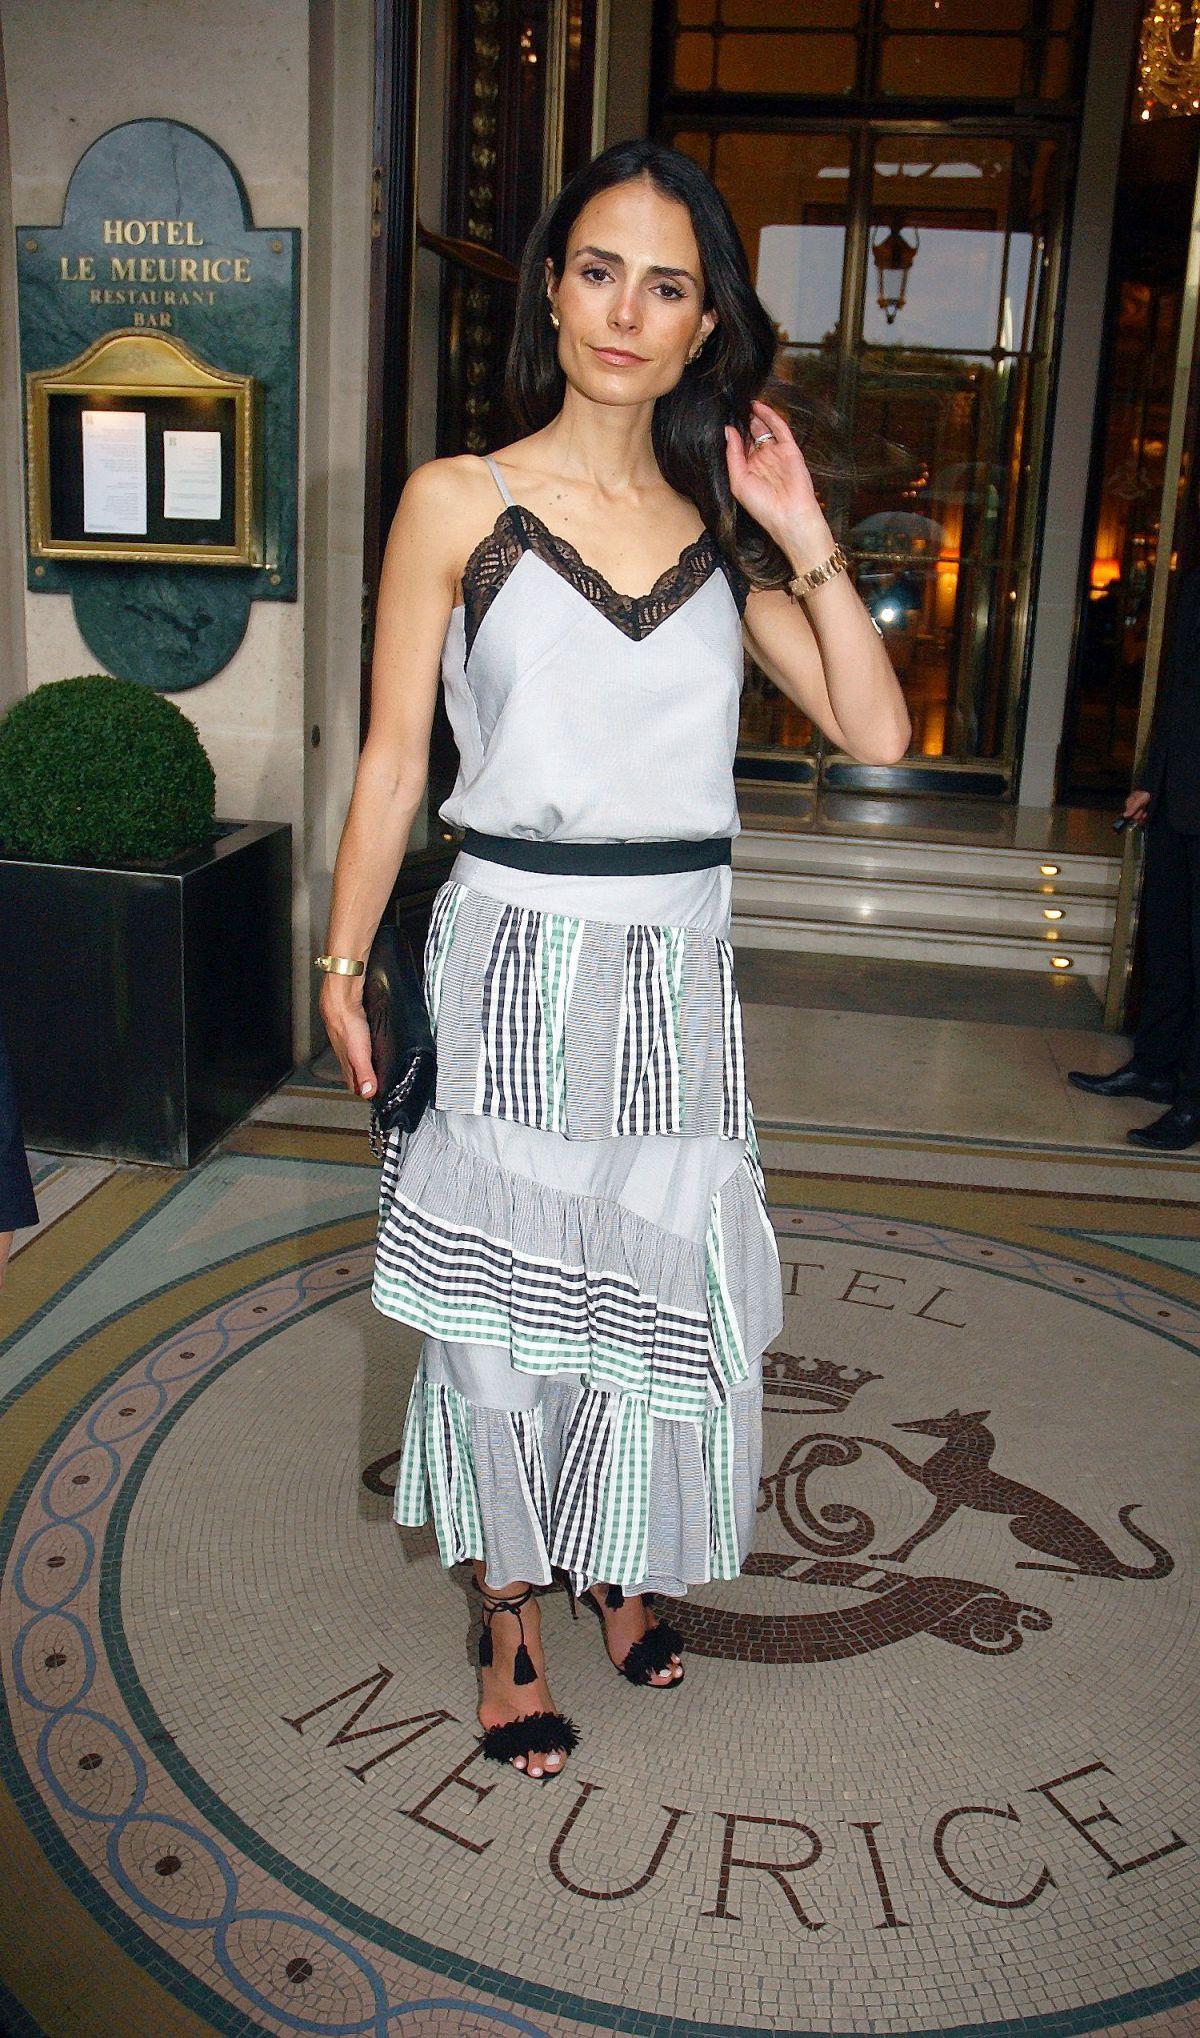 JORDANA BREWSTER Leaves Meurice Hotel in Paris 06/03/2017